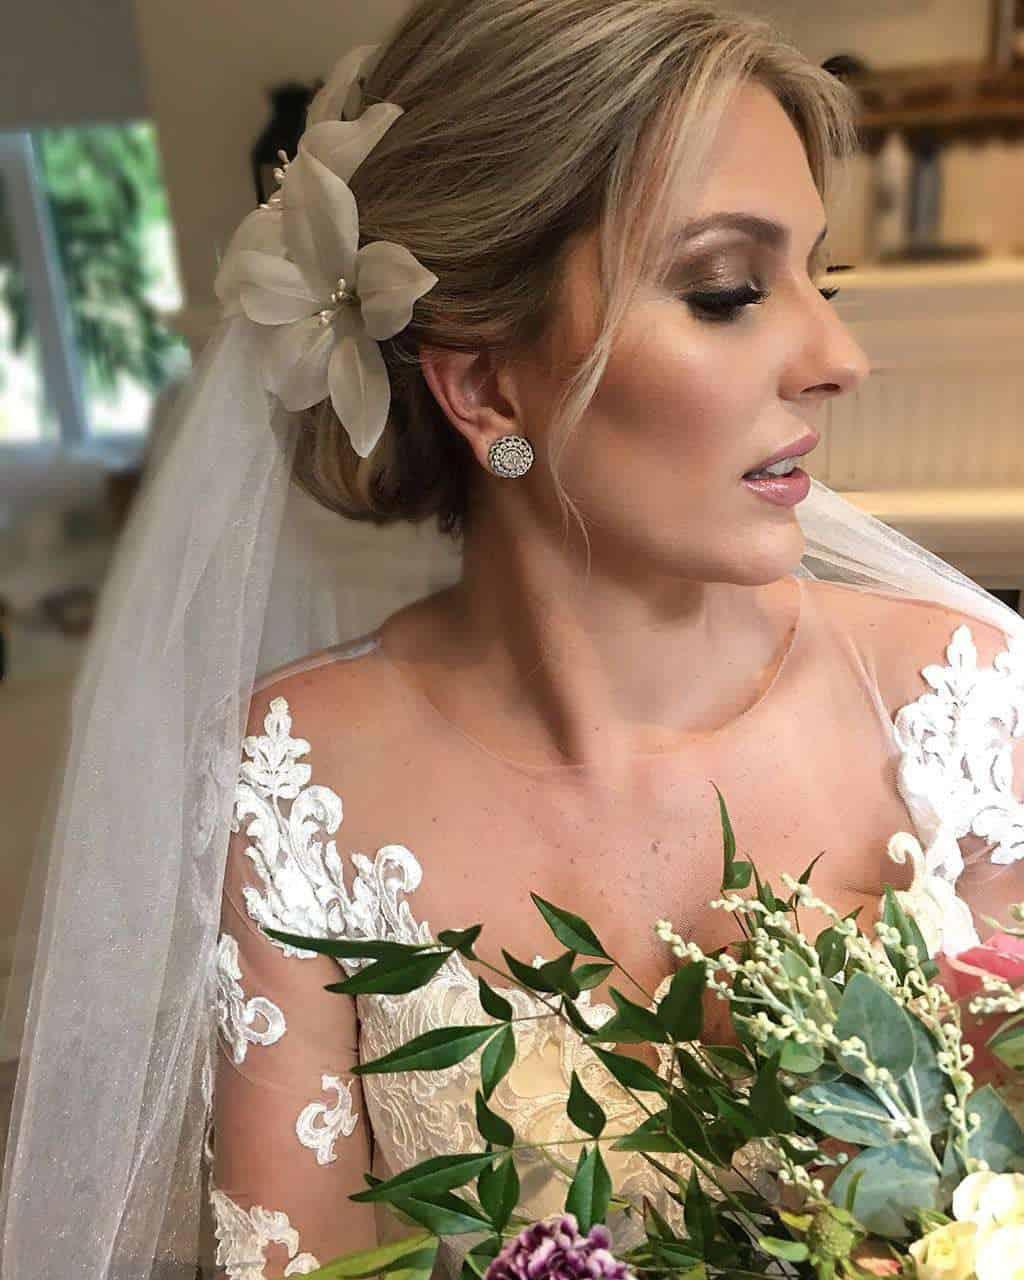 Andrea-Kapps-beleza-da-noiva-casamento-de-dia-casamento-na-serra-casamento-romântico-casamento-tradicional-Locanda-de-La-Mimosa-rosa-e-lilás-casamento-57